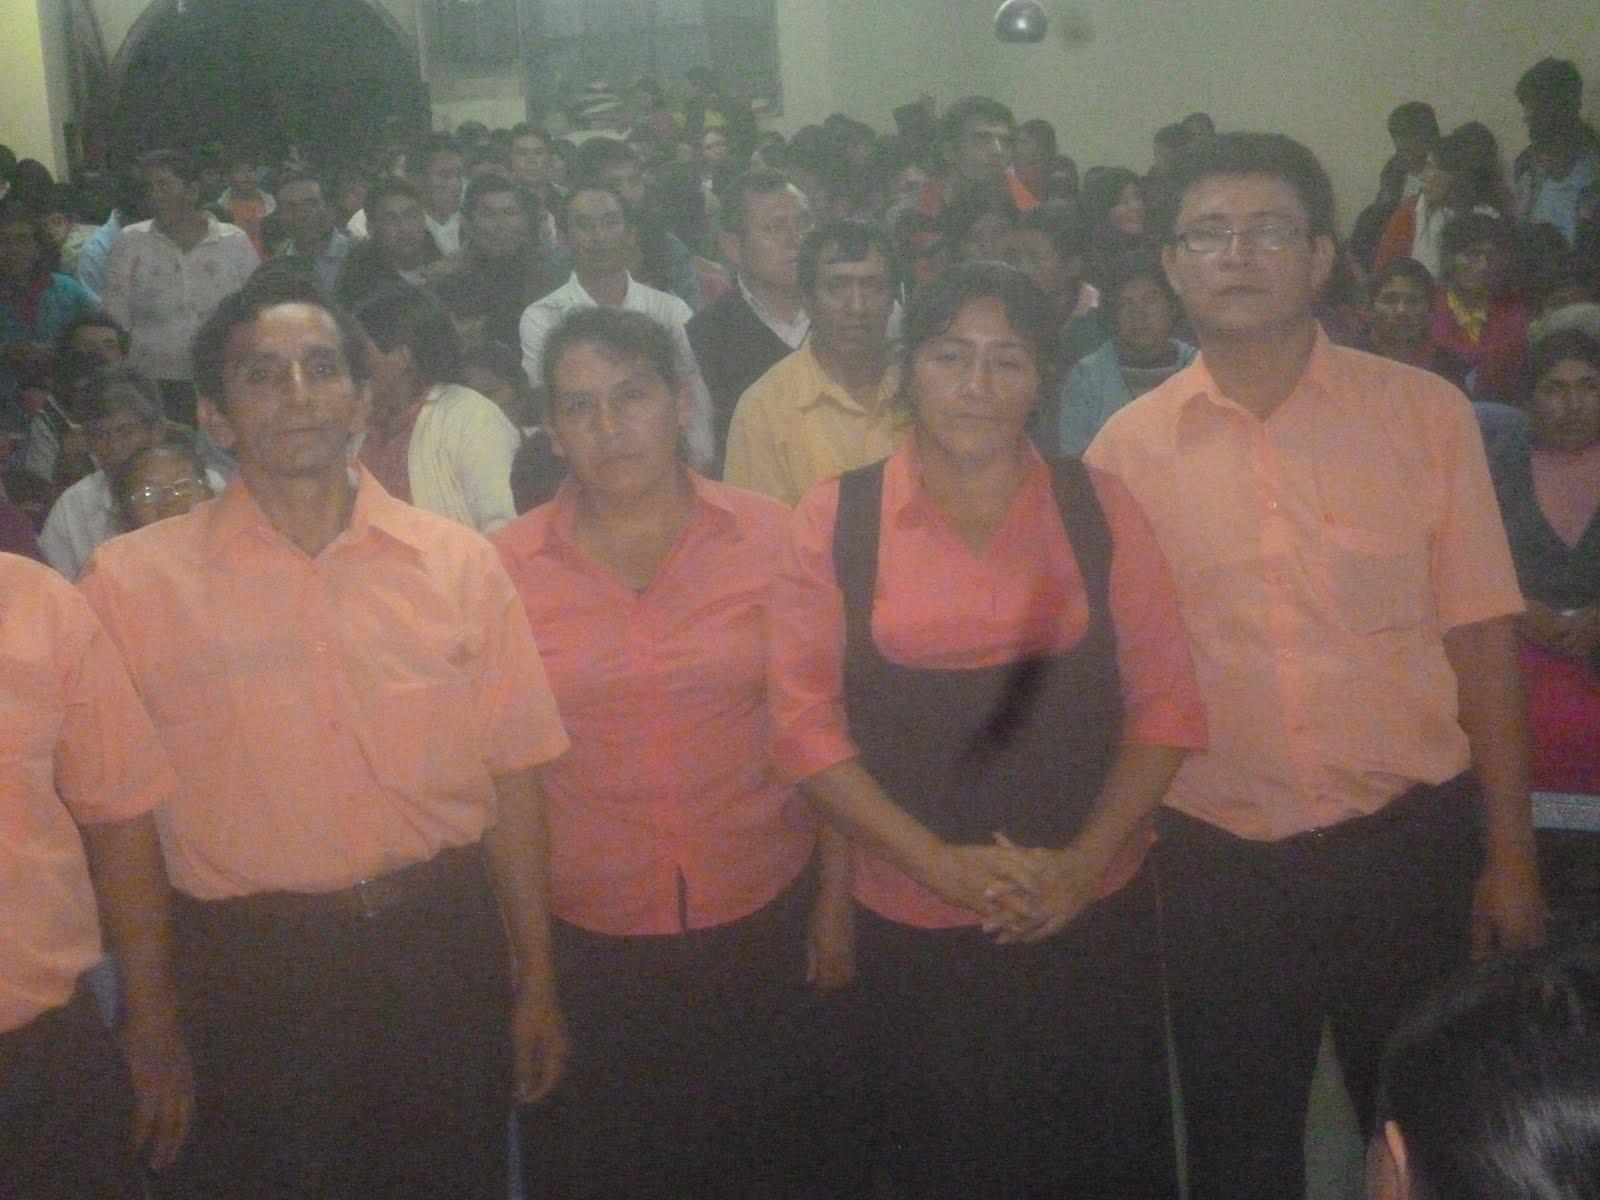 Ministerio EMANUEL de Tocache fue invitado al departamento de Ancash provincia de Pomabamba